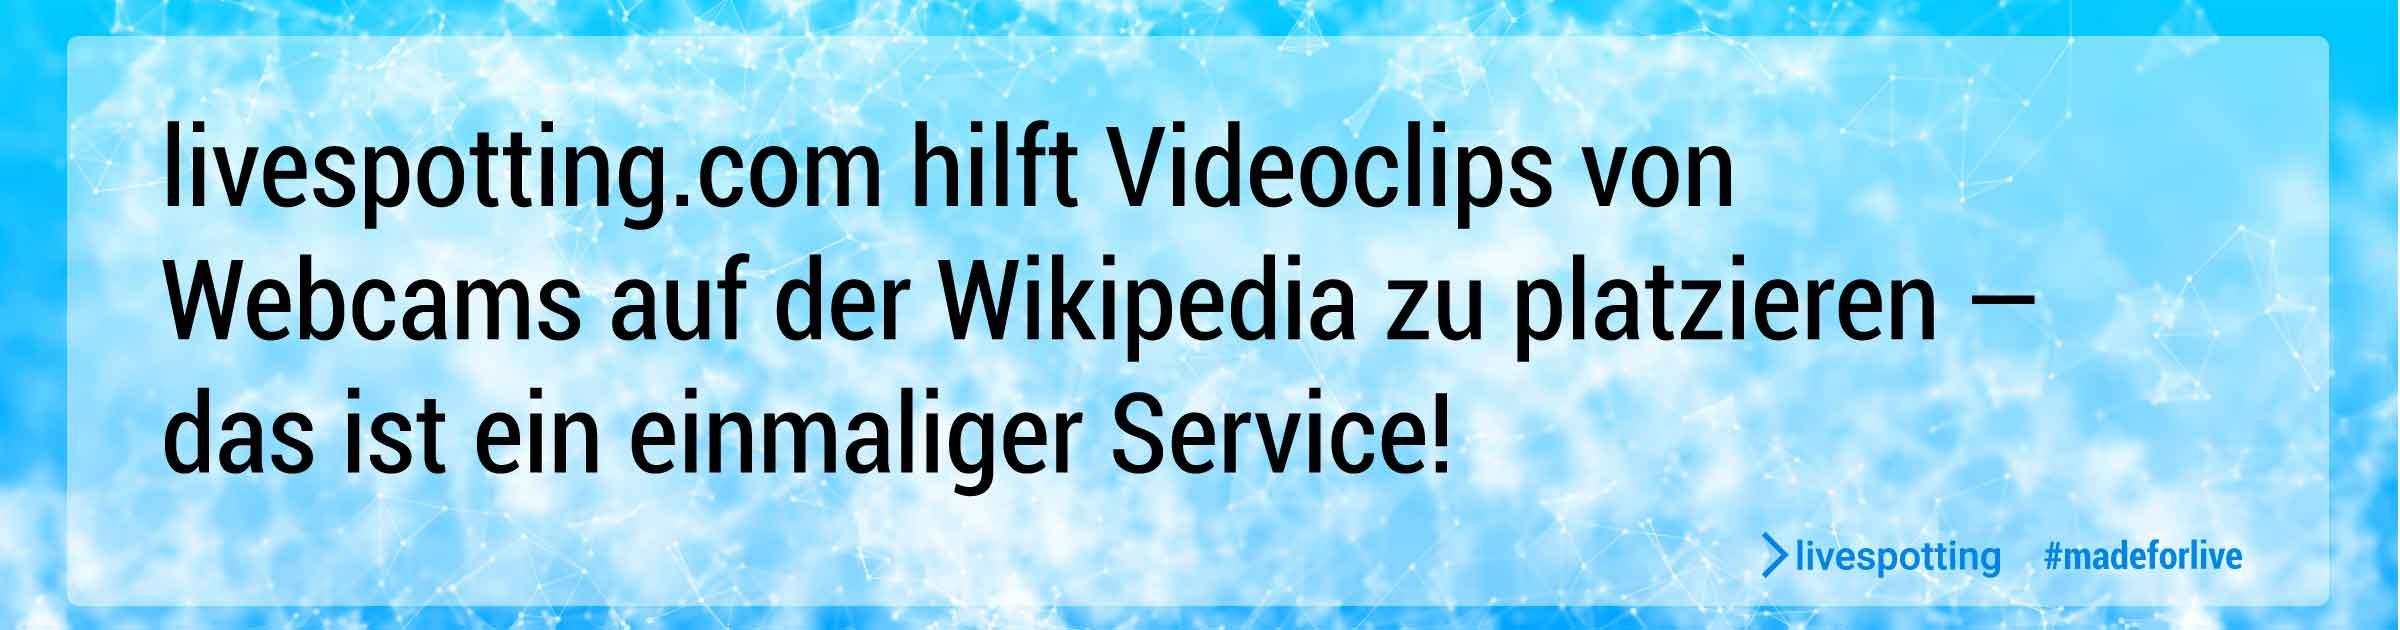 livespotting hilft als einziger Webcam Dienstleister für Videohosting Webcms auf der Wikipedia zu platzieren.